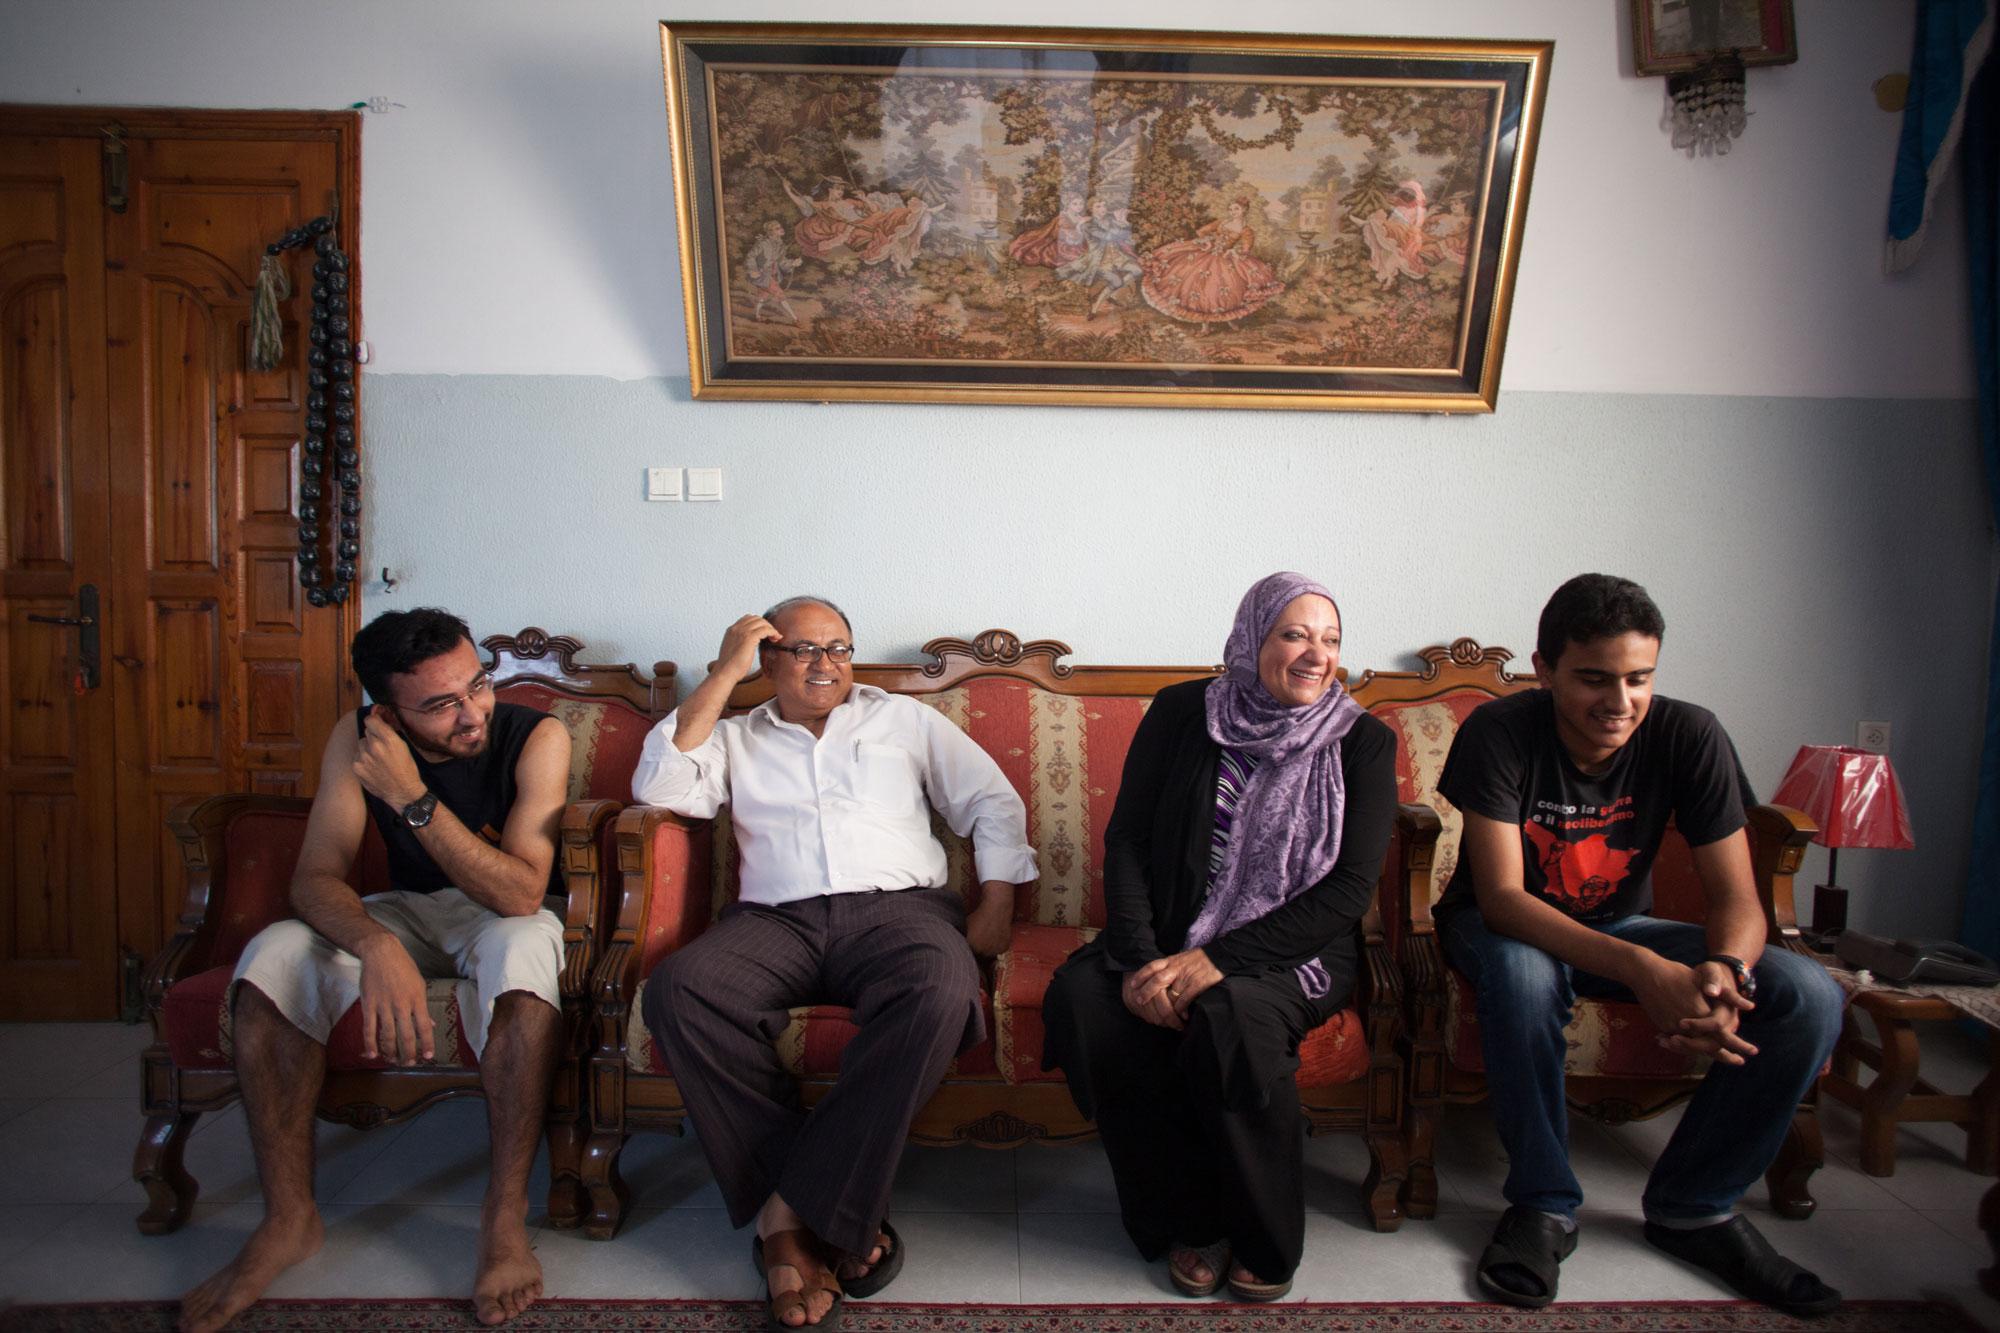 نصر وسلوى ياغي وابناءهم في بيتهم، قطاع غزة. تصوير: إيمان محمد